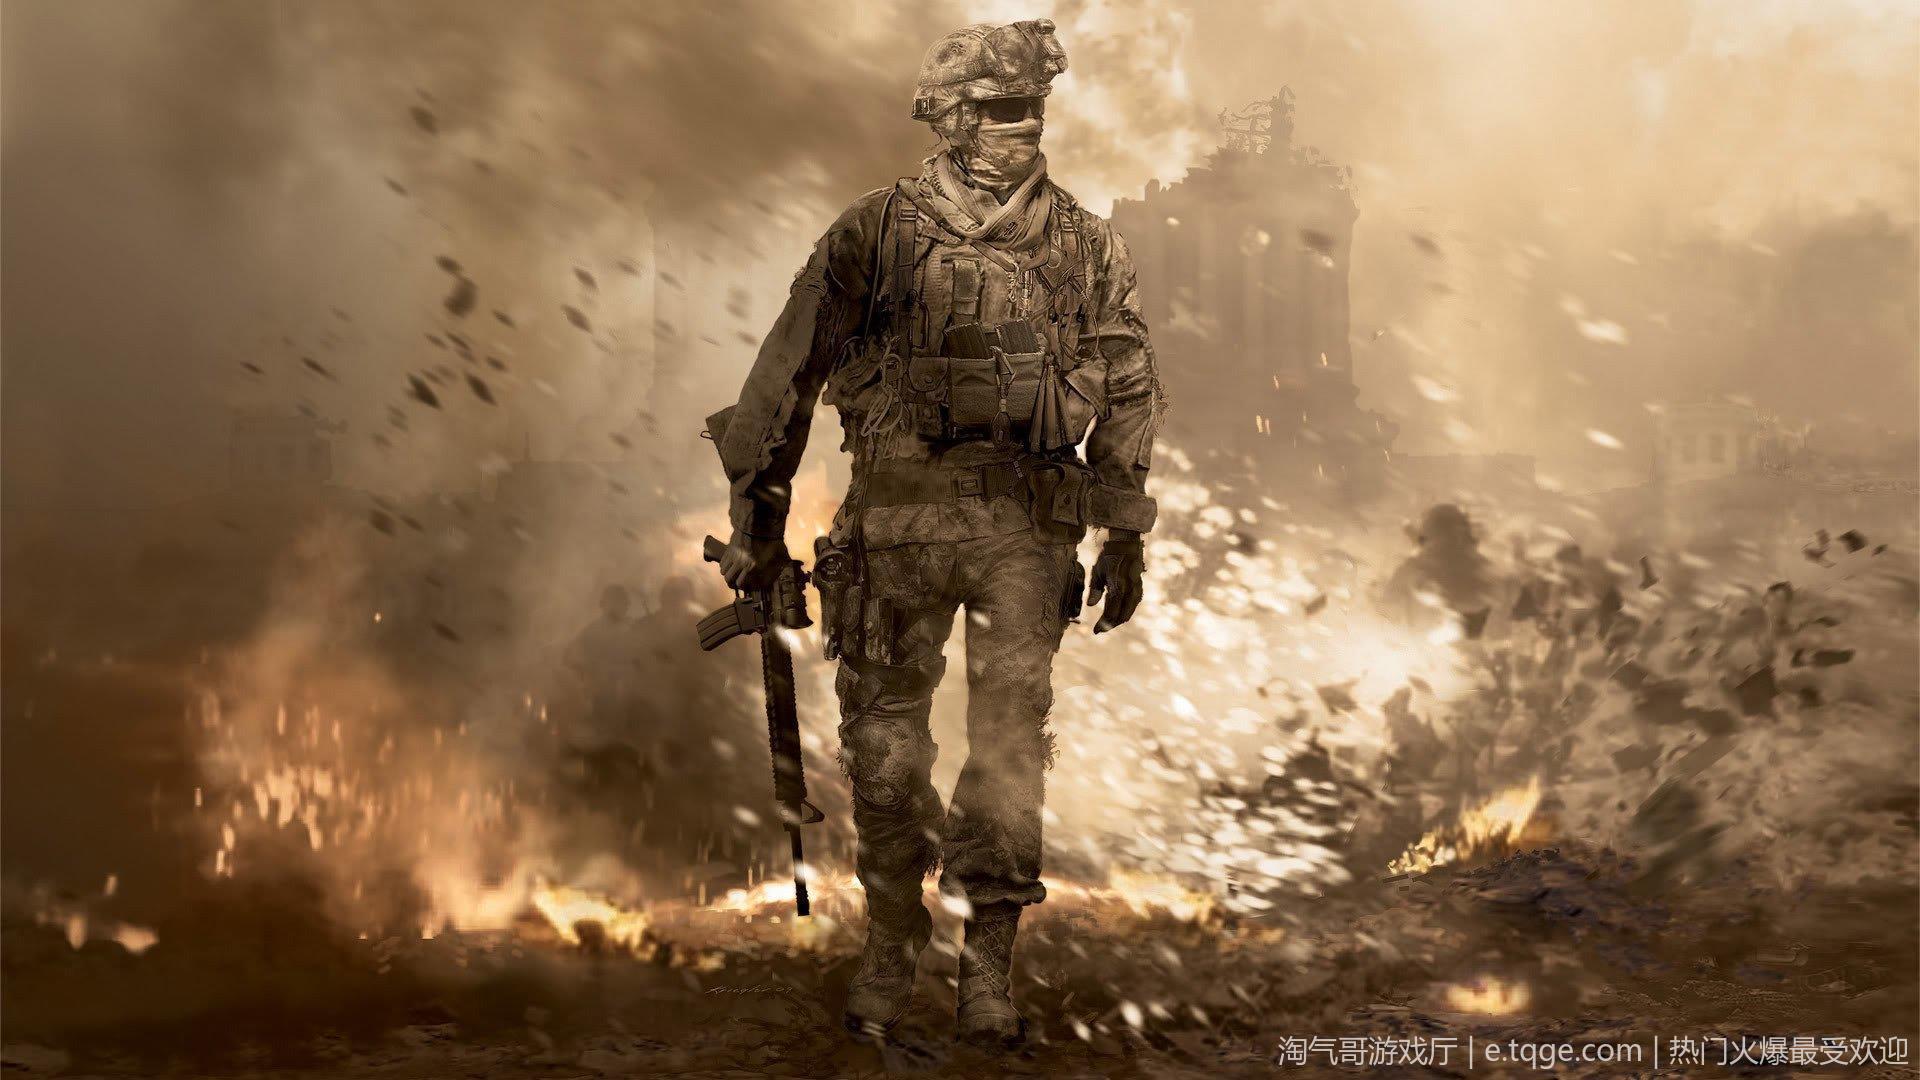 使命召唤8/COD8/使命8/ 使命召唤8:现代战争3 射击游戏 第4张